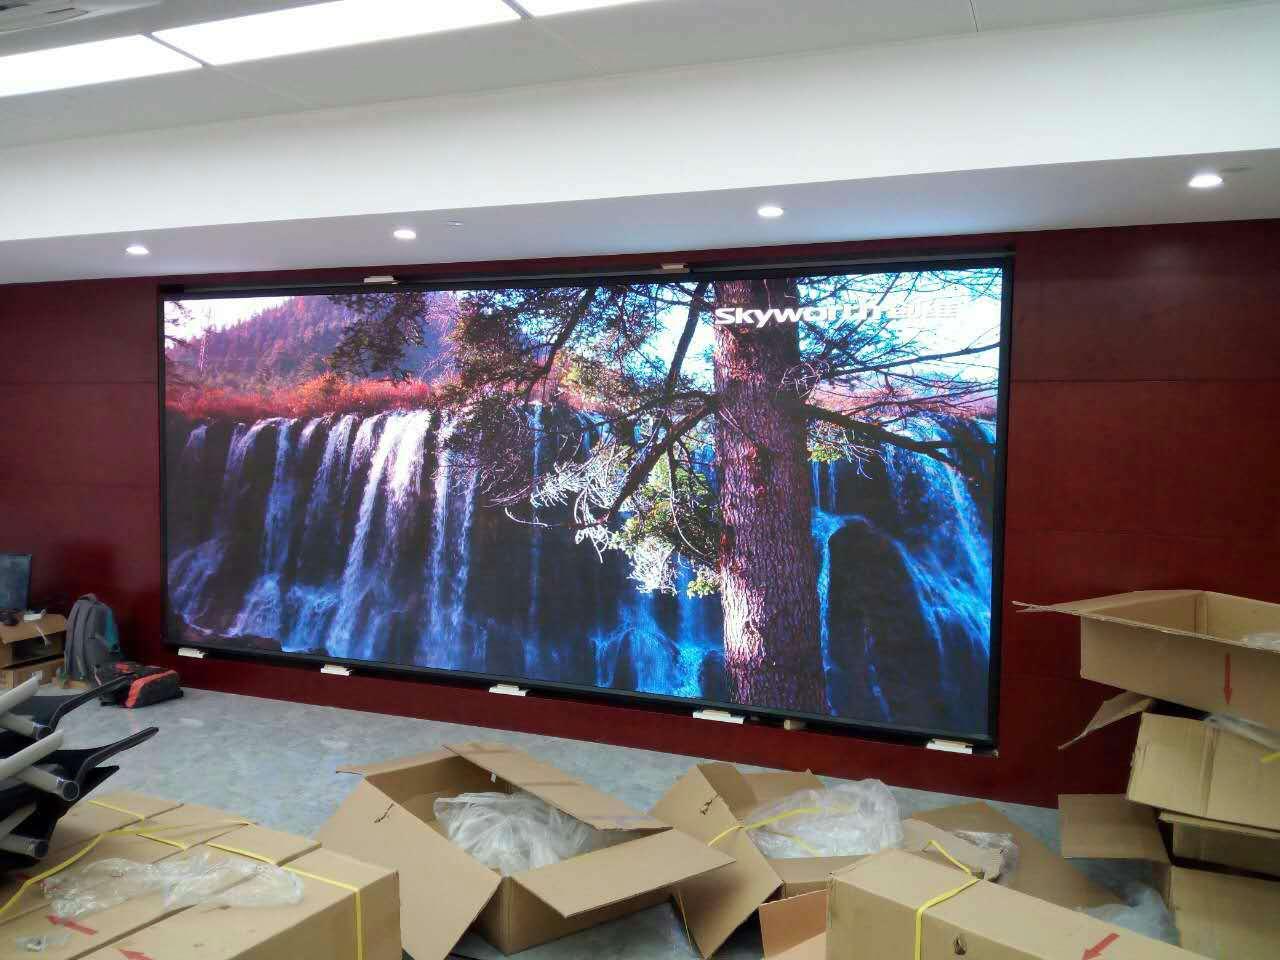 铜陵广告传媒LED显示屏品牌企业 和谐共赢 合肥龙发智能科技供应